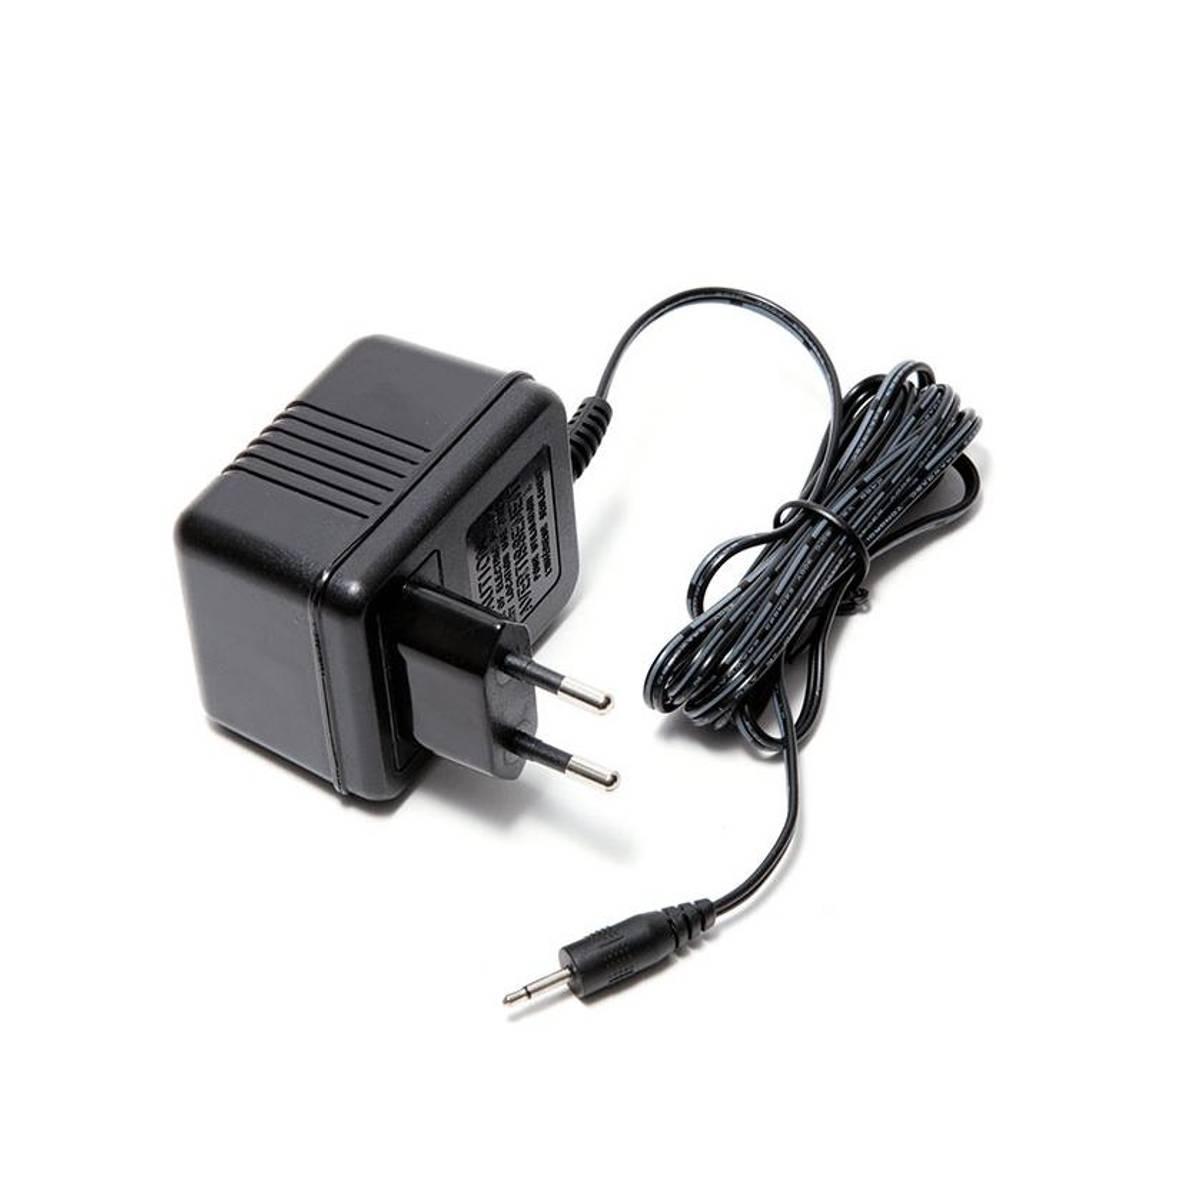 Lifeline AED batterilader til treningsbatteri